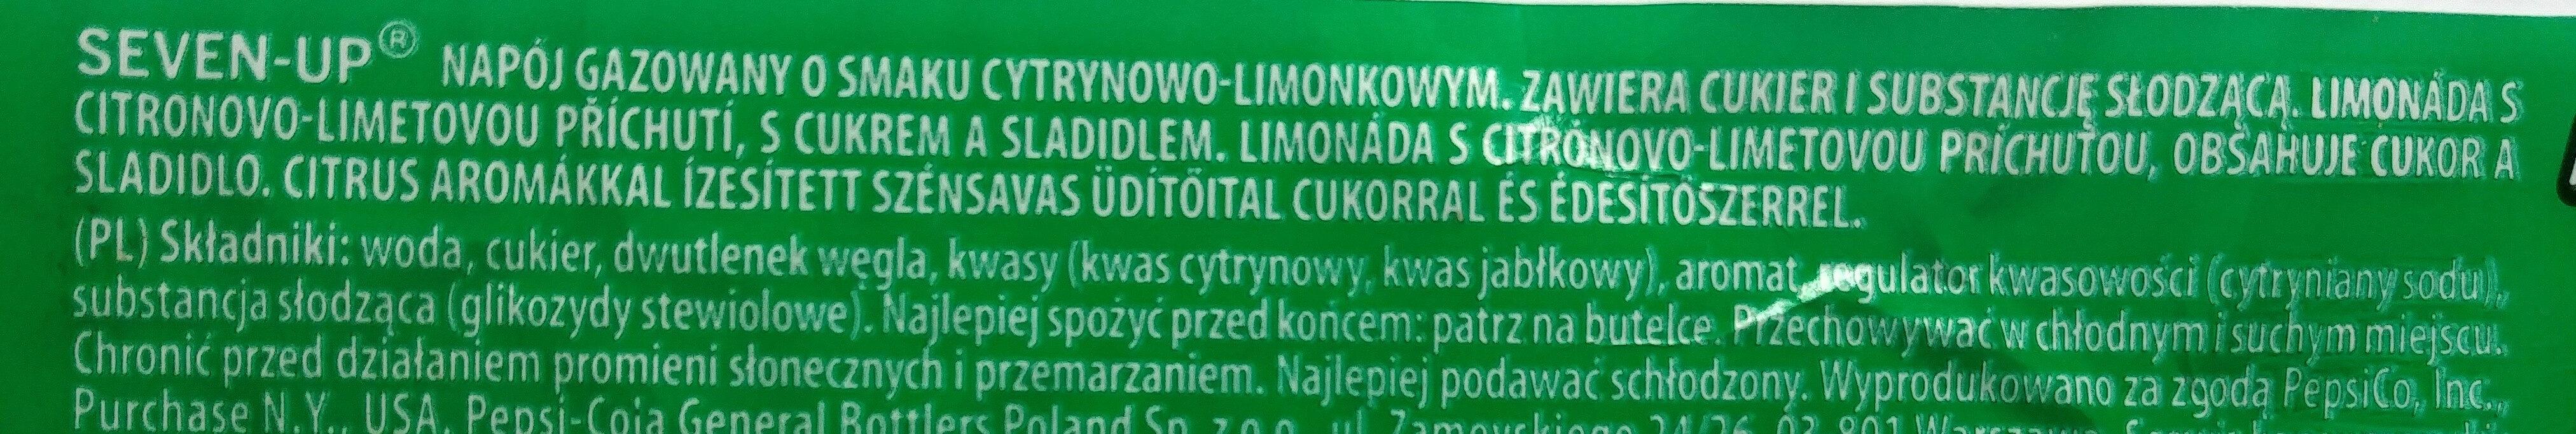 Napój gazowany o smaku cytrynowo-limonkowym - Ingredients